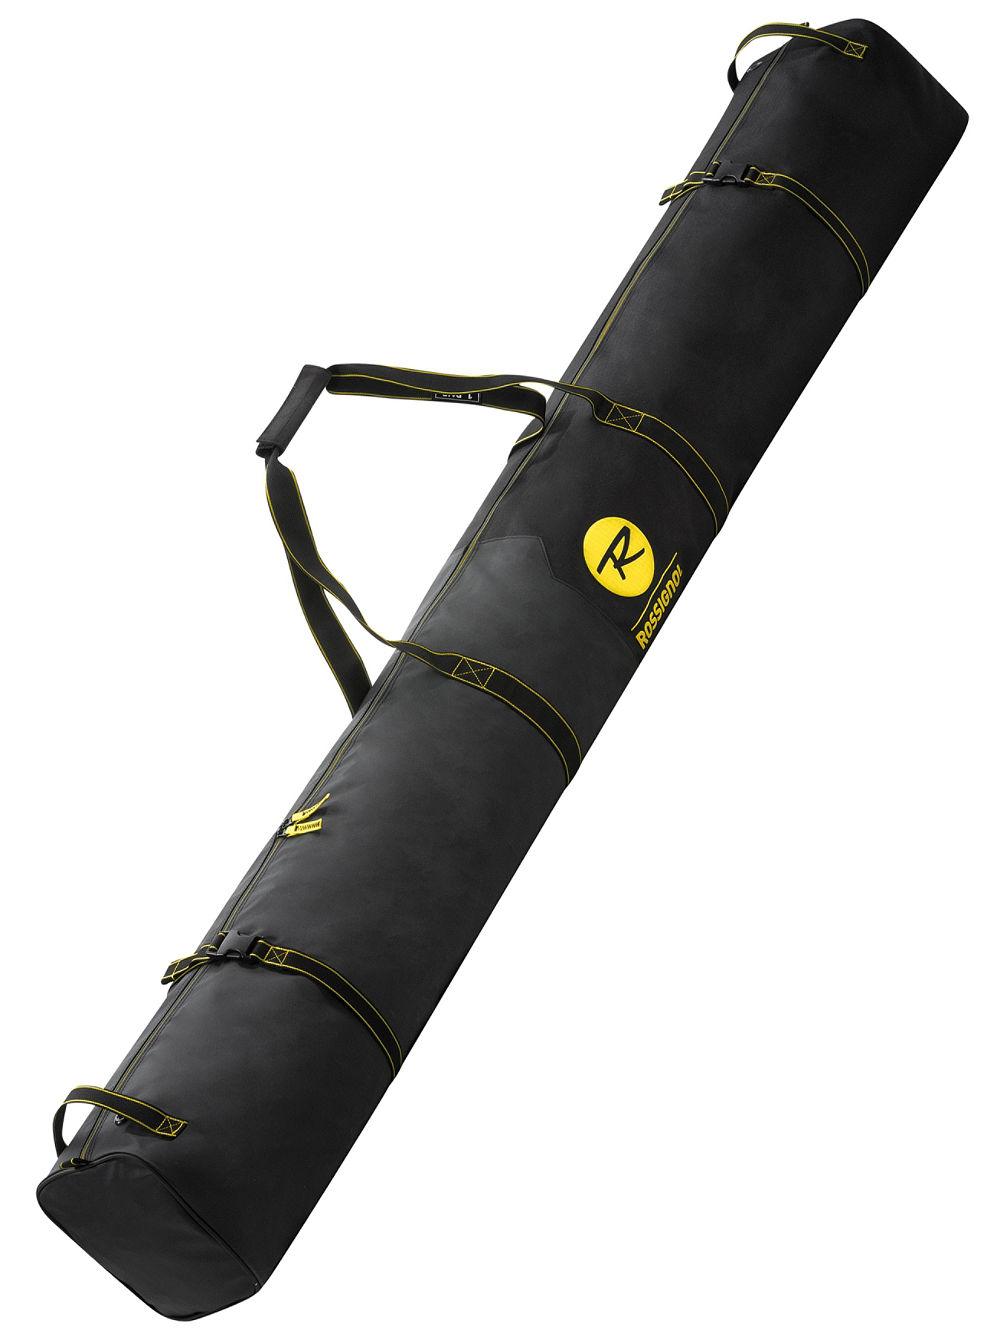 muy baratas Super descuento los más valorados Soul 1P 190 Ski Bag Funda para esquís